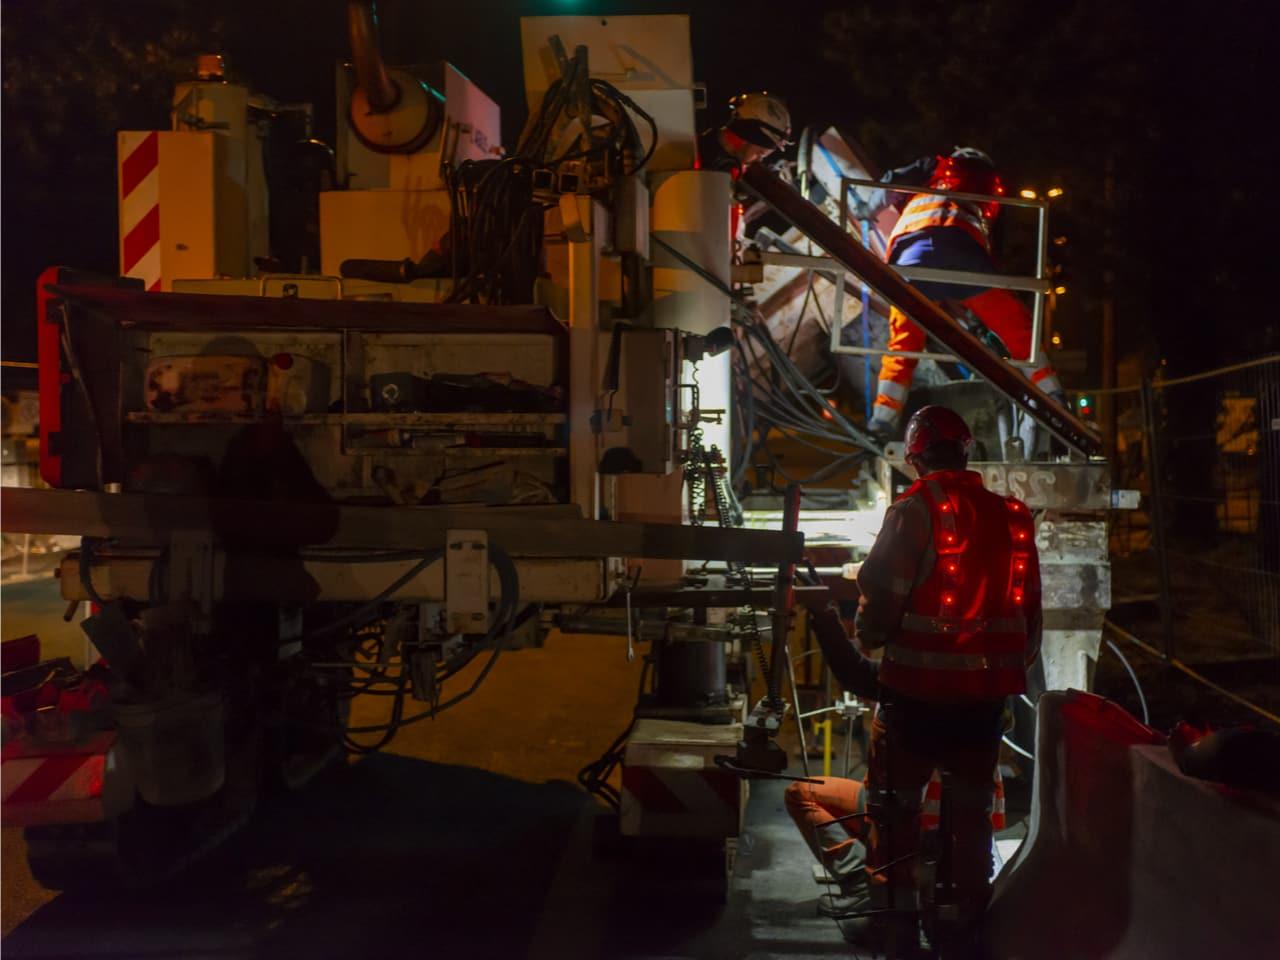 aménagement de l'A480 par les agents d'AREA durant la nuit sur le bassin grenoblois